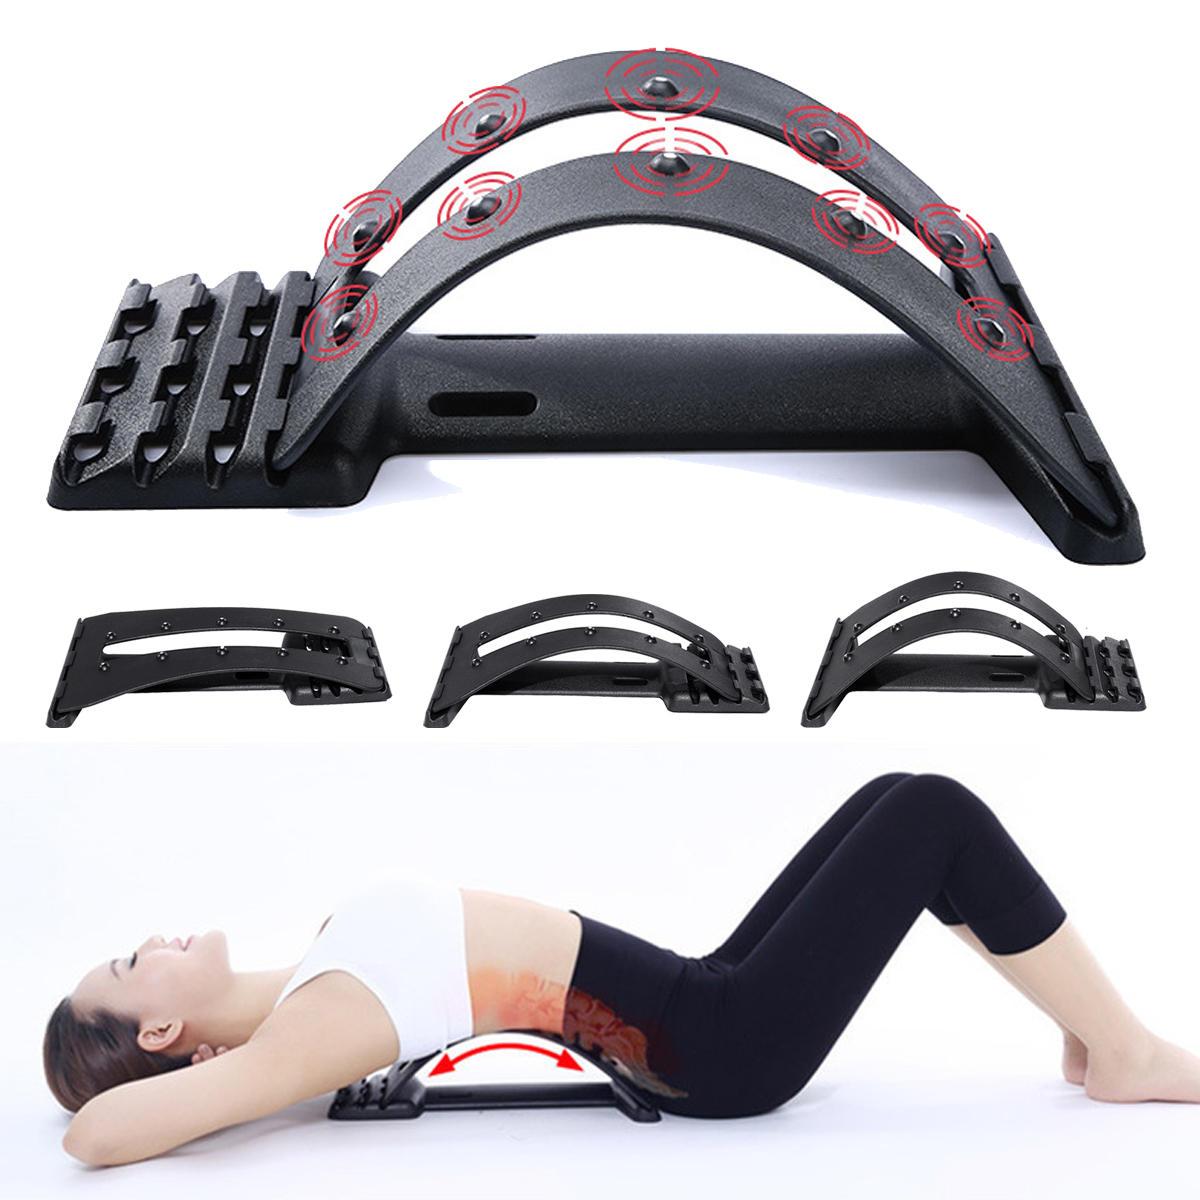 KALOAD Enhanced Edition Back Massage Stretcher Back Support Sport Fitness Cervical Lumbar Vertebrae Correction